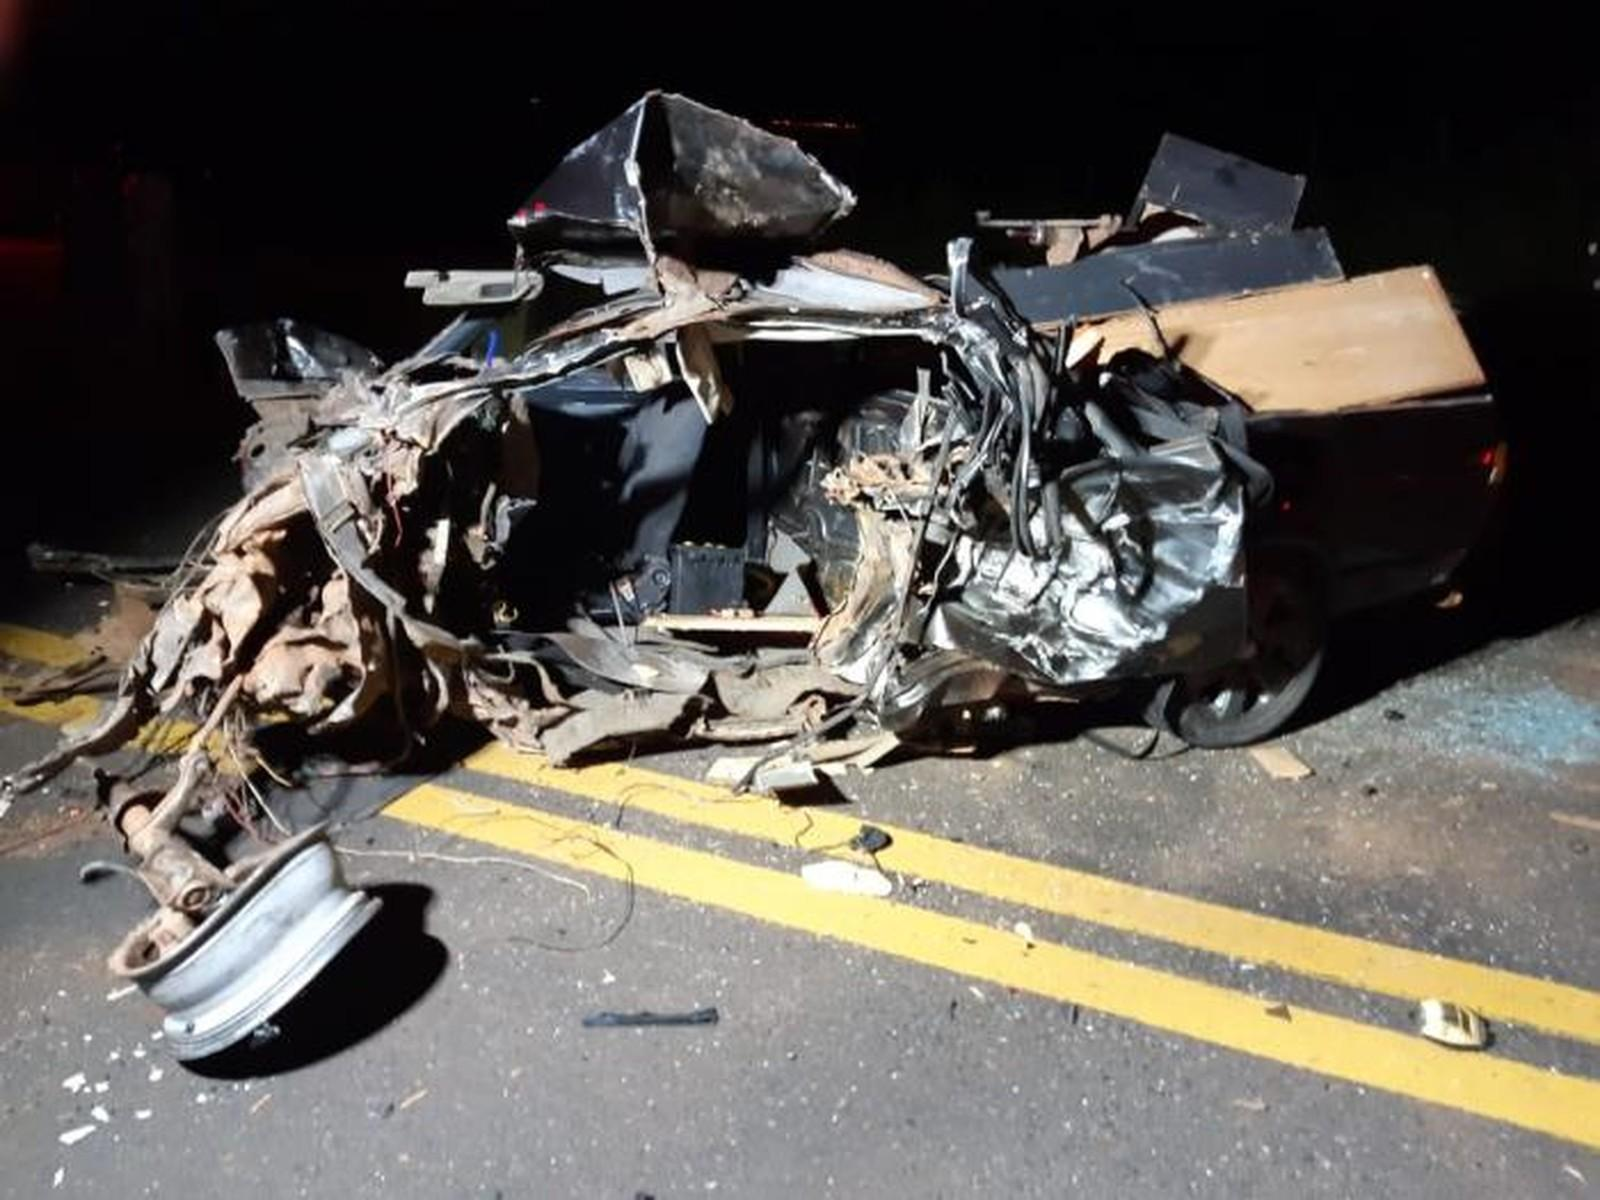 Jovem morre após bater o carro em outro veículo em Marília